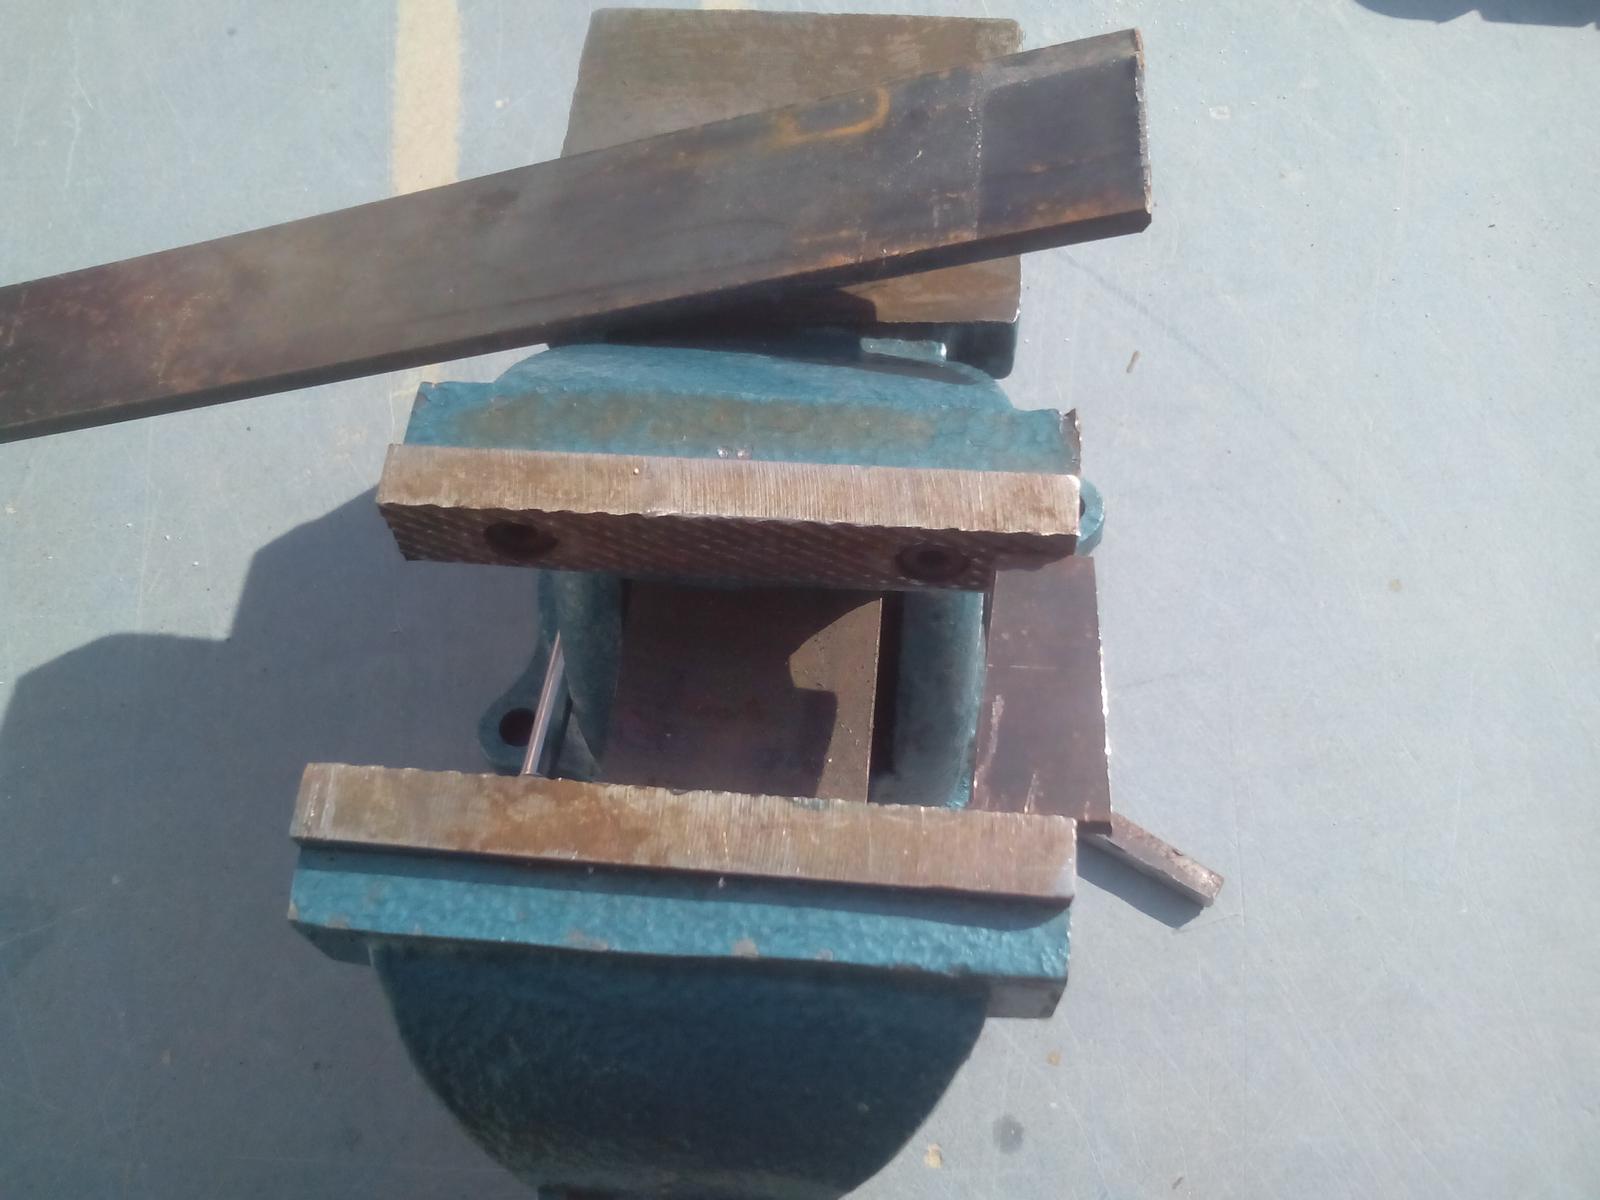 Renovácia jednej starej váhy - Z vhodného materiálu som odrezal kúsok, ktorým nahradím chýbajúcu časť